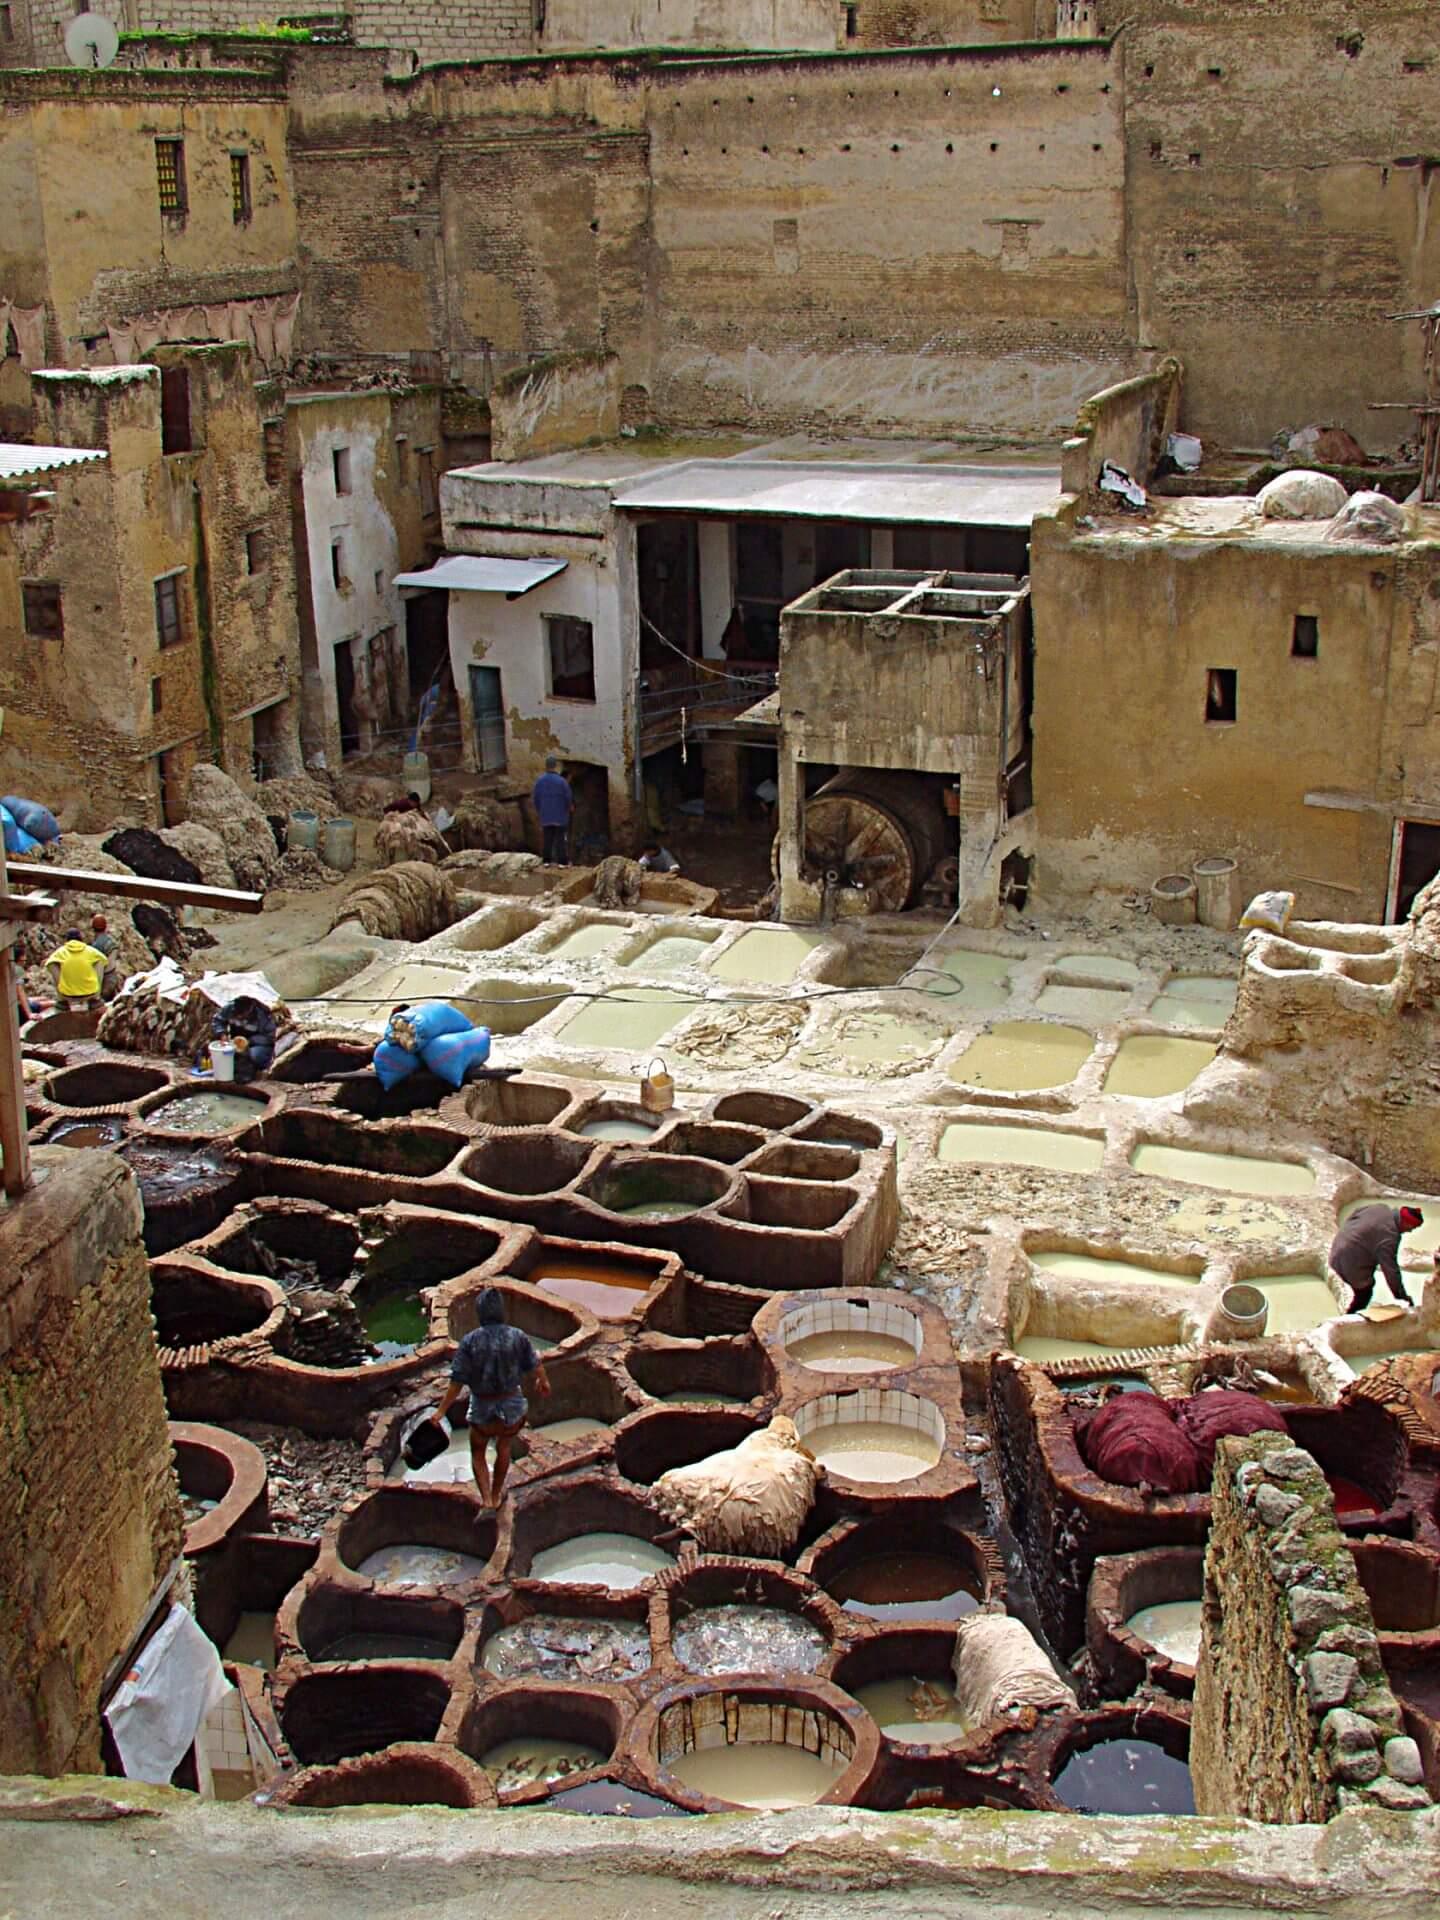 Im Stadtteil El Moqf in der Medina von Marrakesch die Gerberei